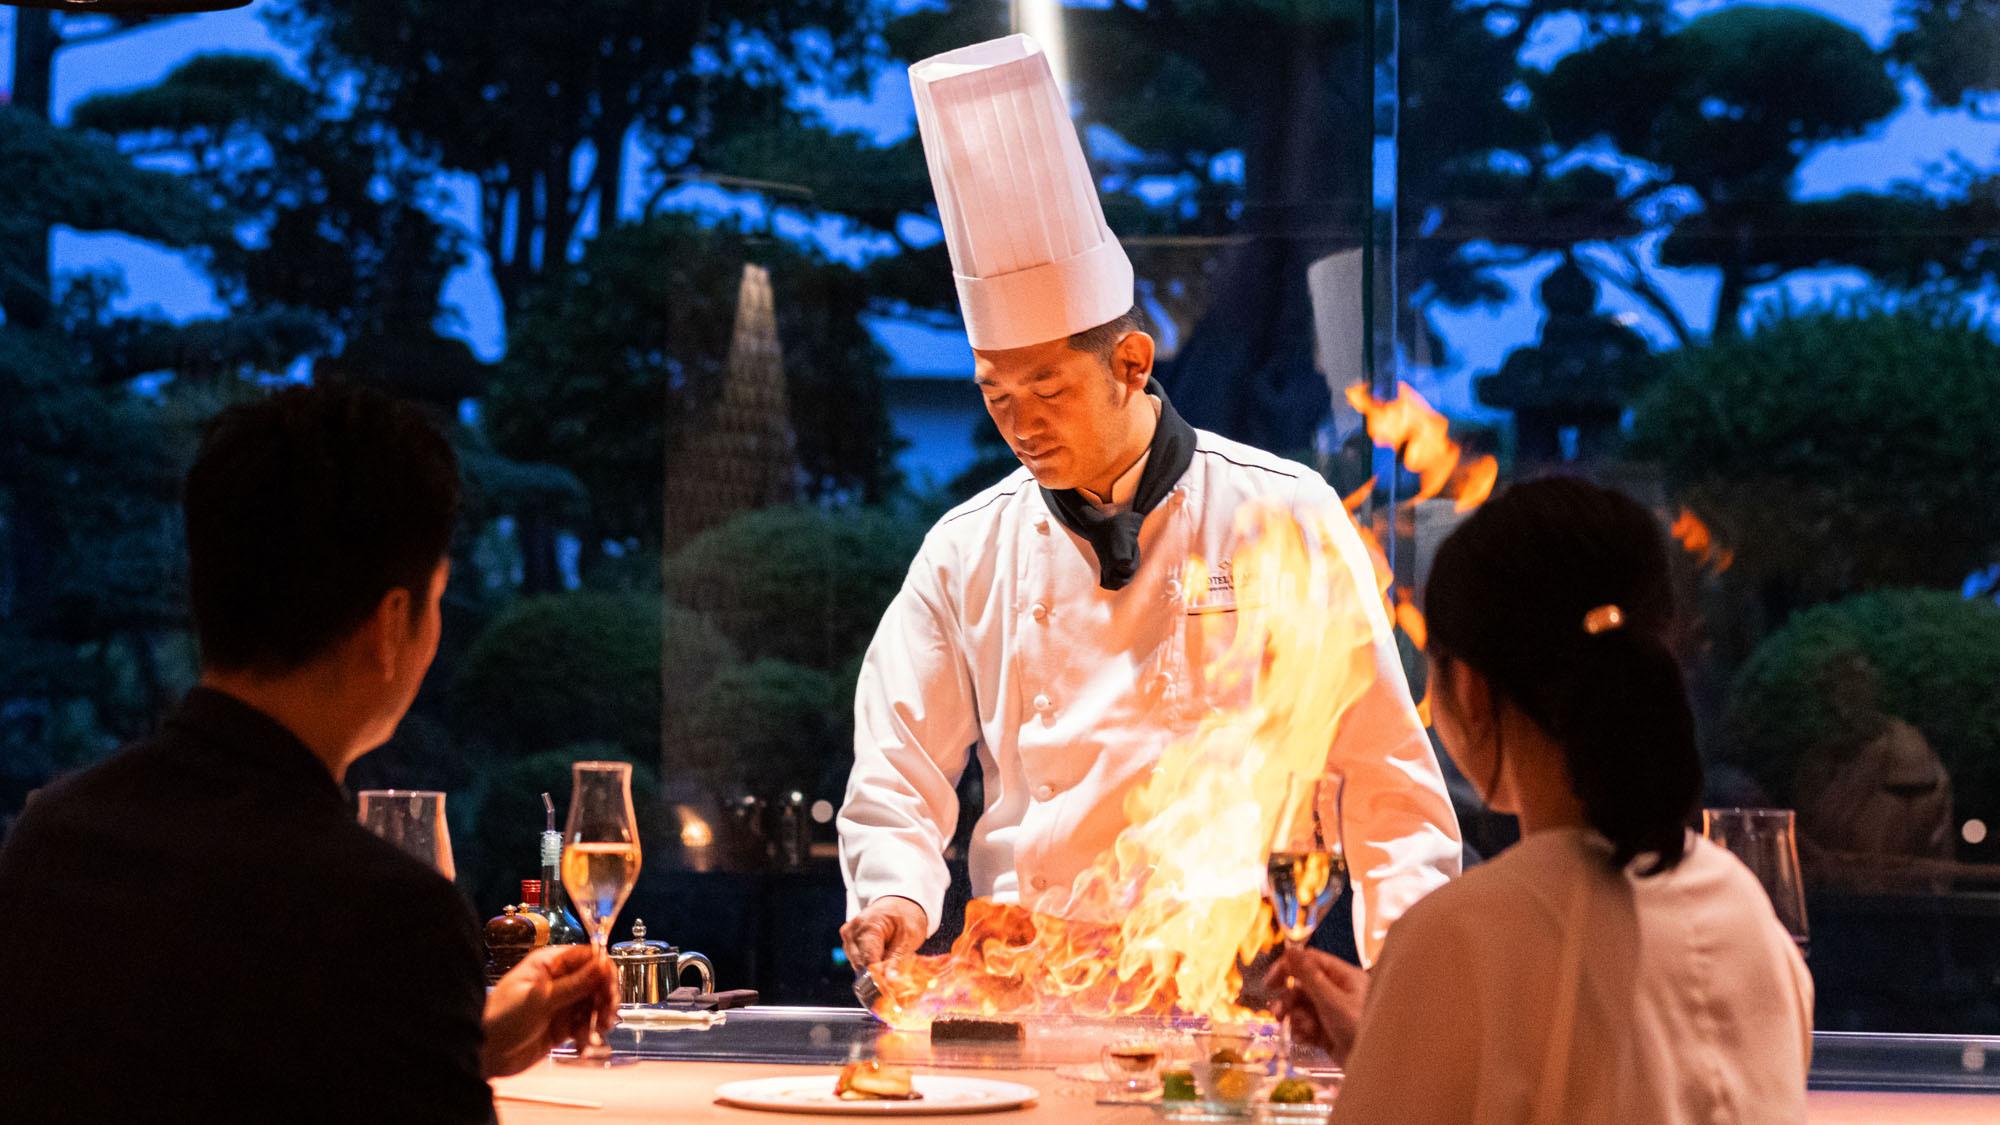 鉄板焼コースはお料理はもちろん、窓から広がる景色も特別な一日を過ごすのにぴったりです。